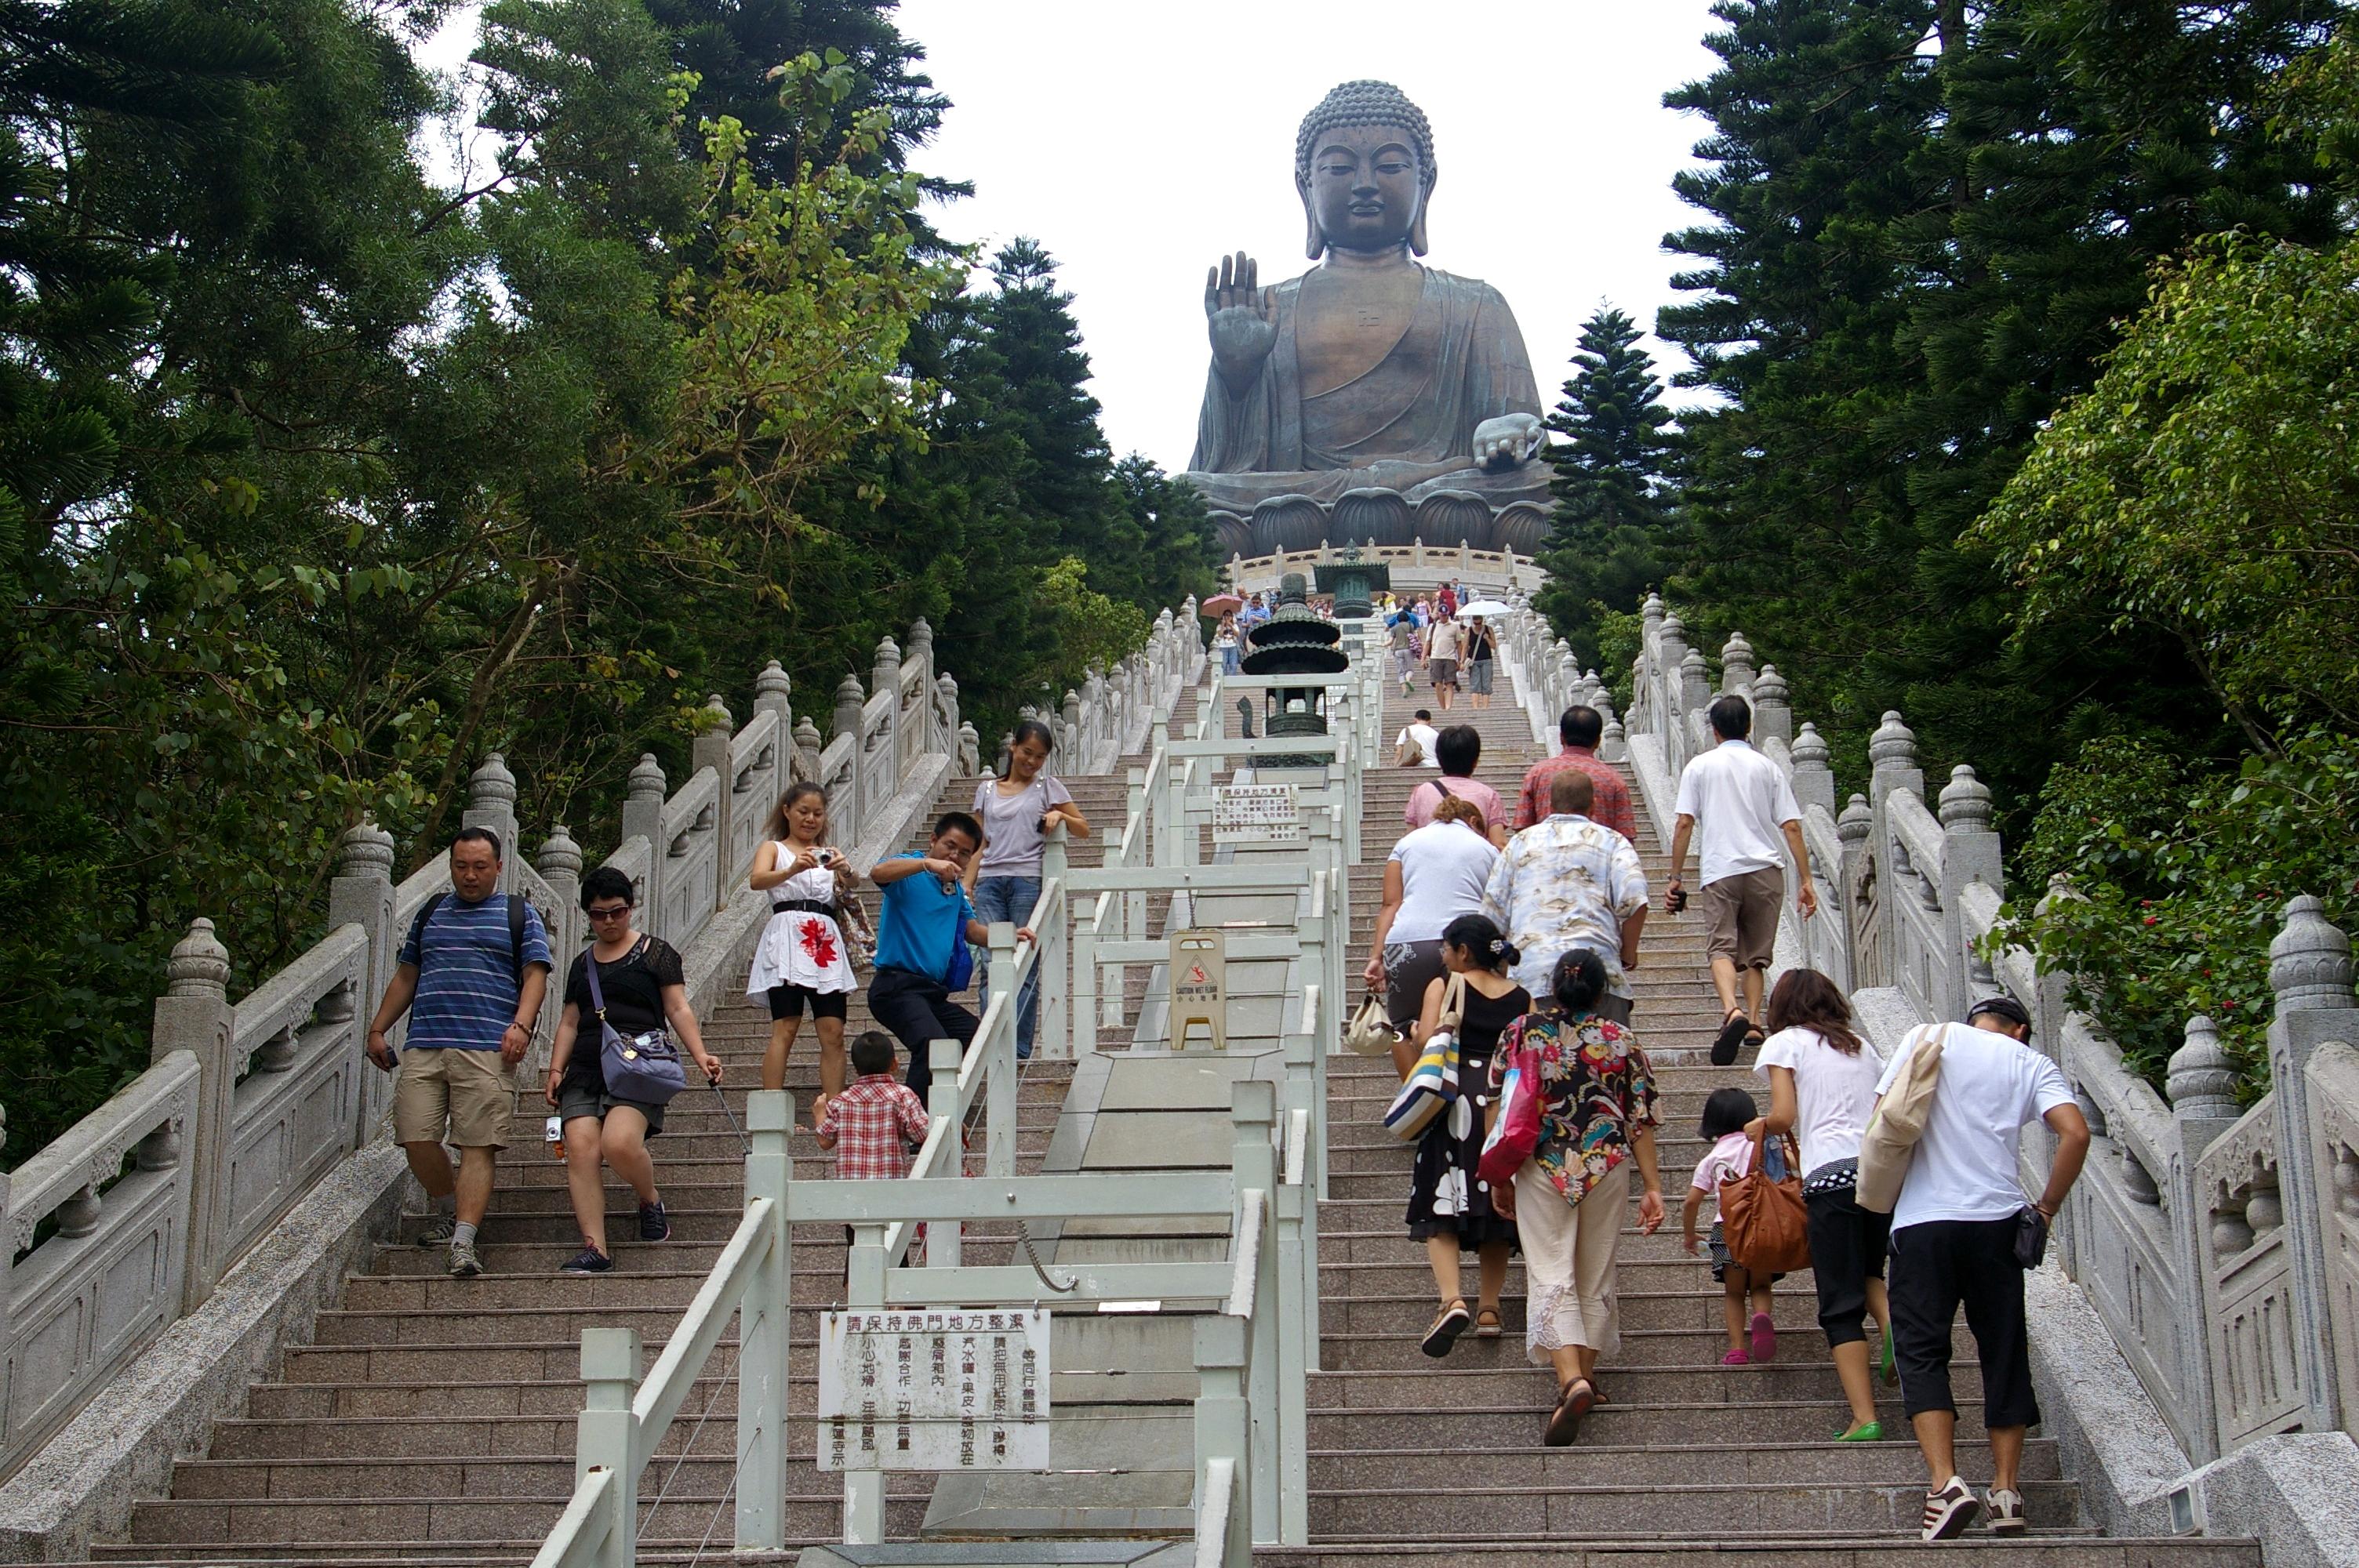 File:20091002 Hong Kong Tian Tan Buddha 6329.jpg - Wikimedia Commons